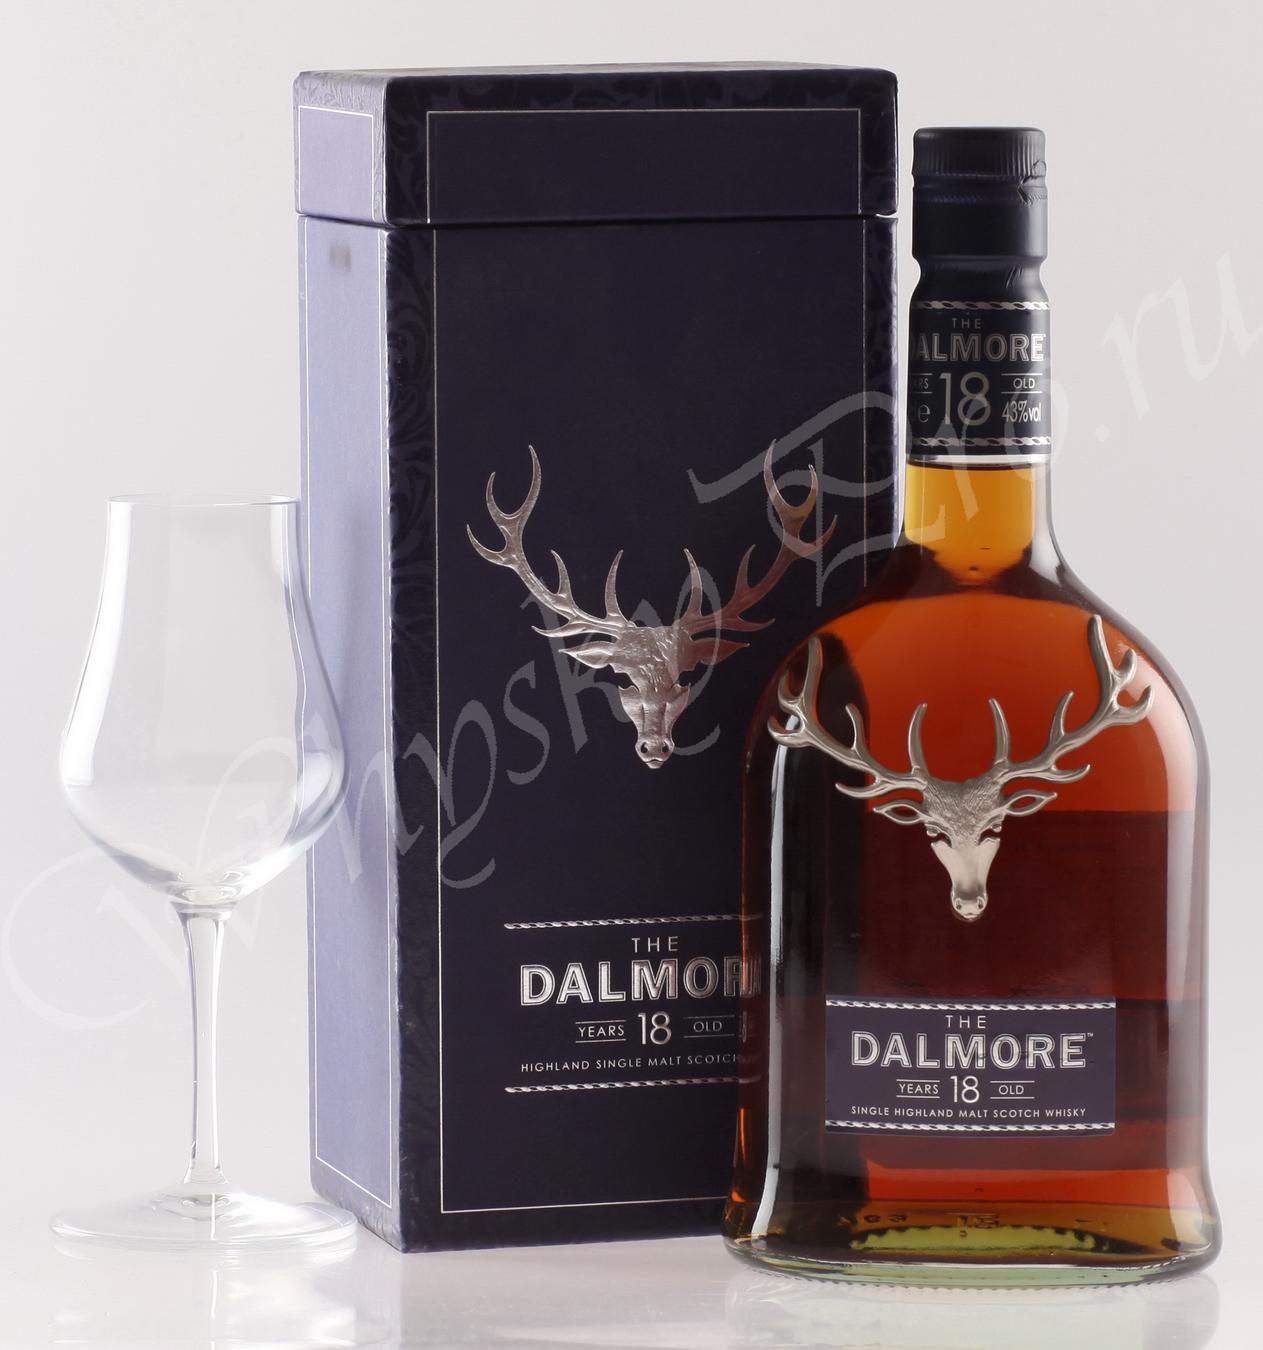 виски Далмор 18 лет Шотландский виски Dalmore 18 years